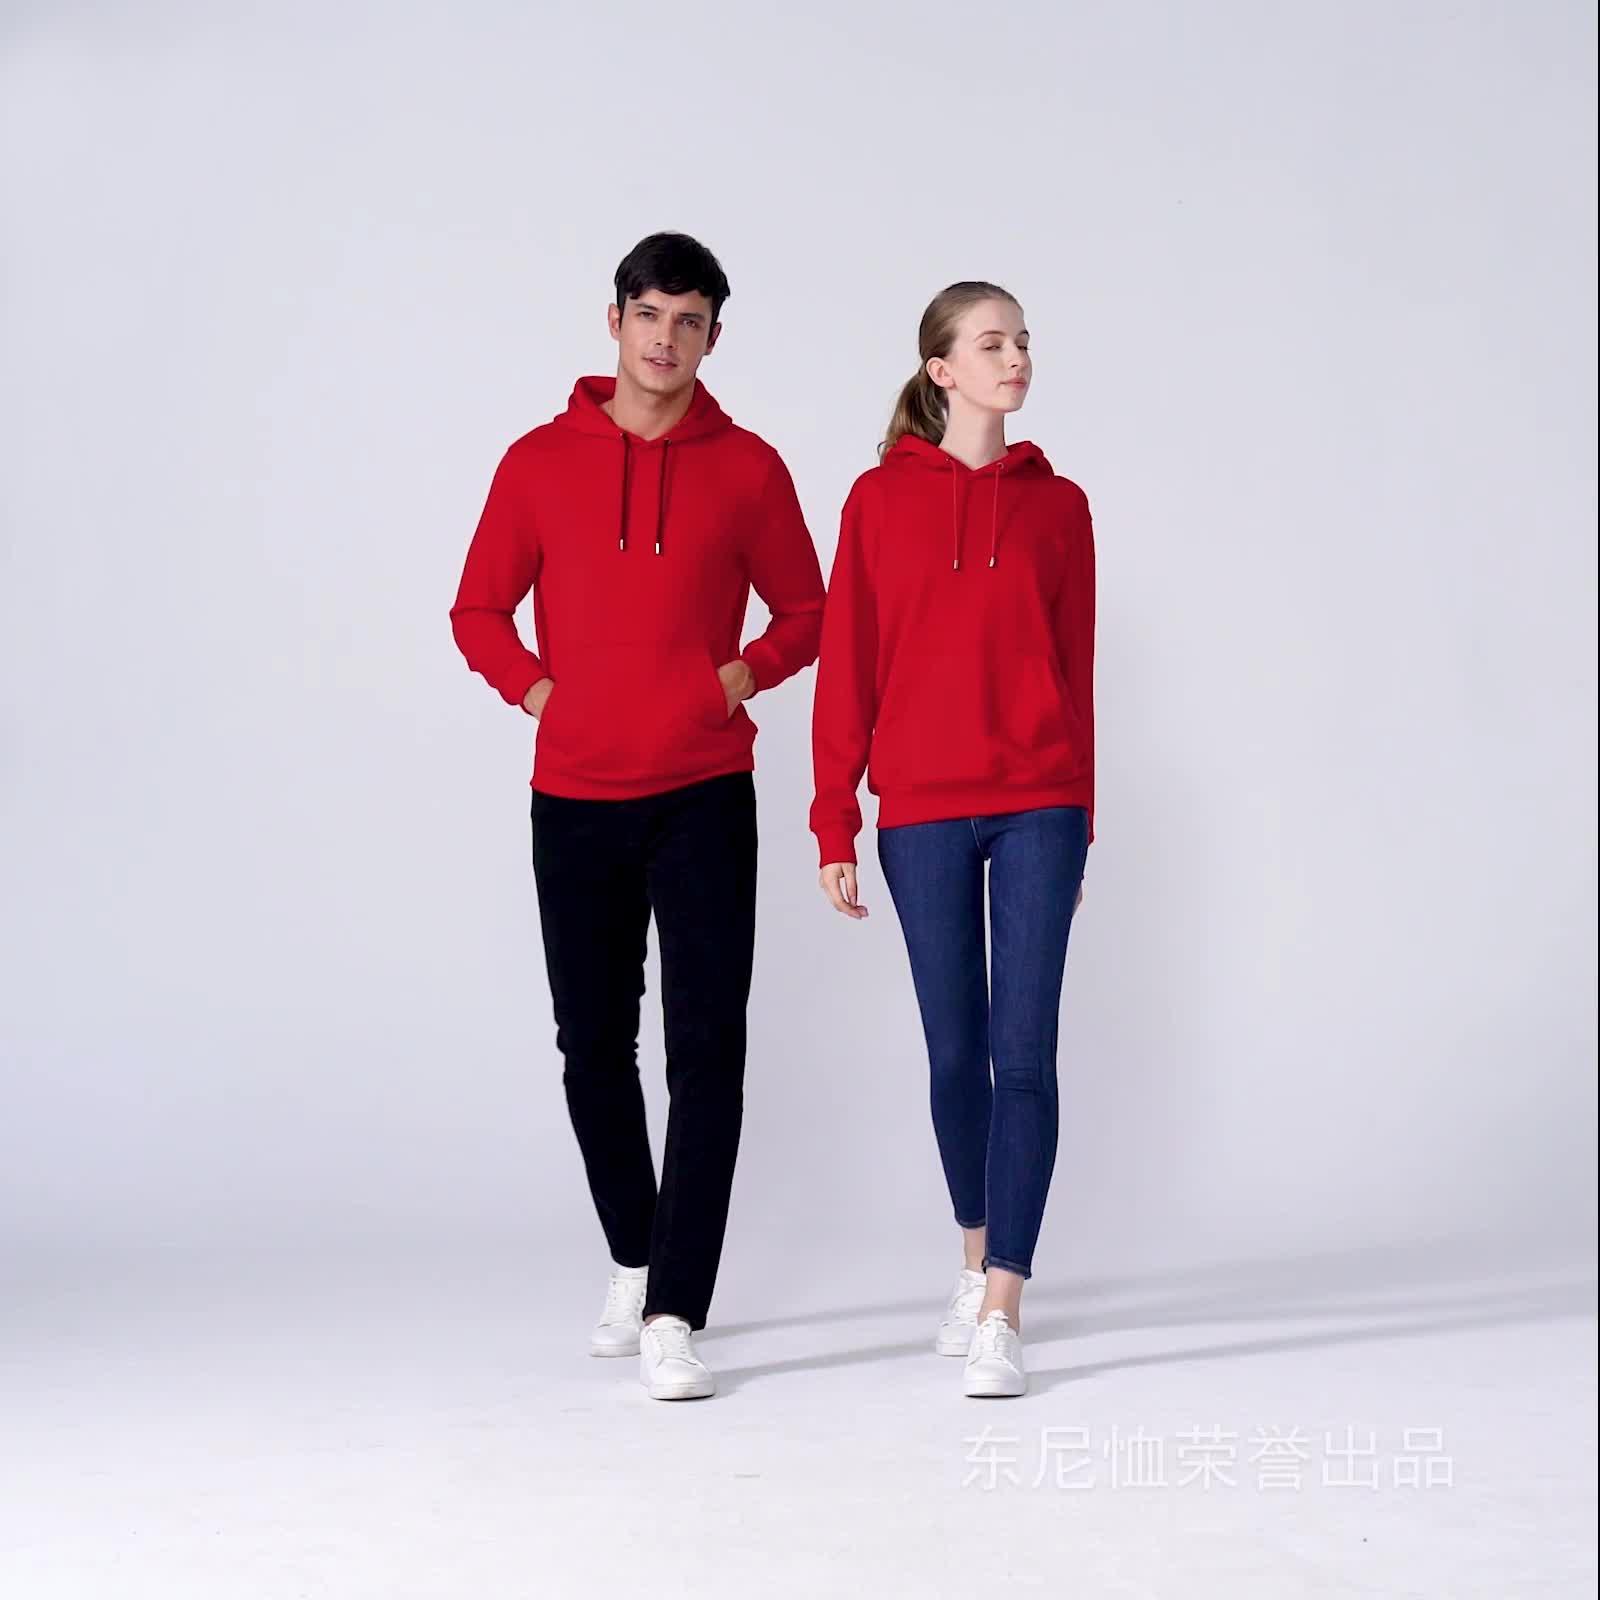 Großhandel Herren 100% Baumwolle blank Hoodies Sweatshirt Gestrickte Gedruckt Custom plain hoodie männer hoodies